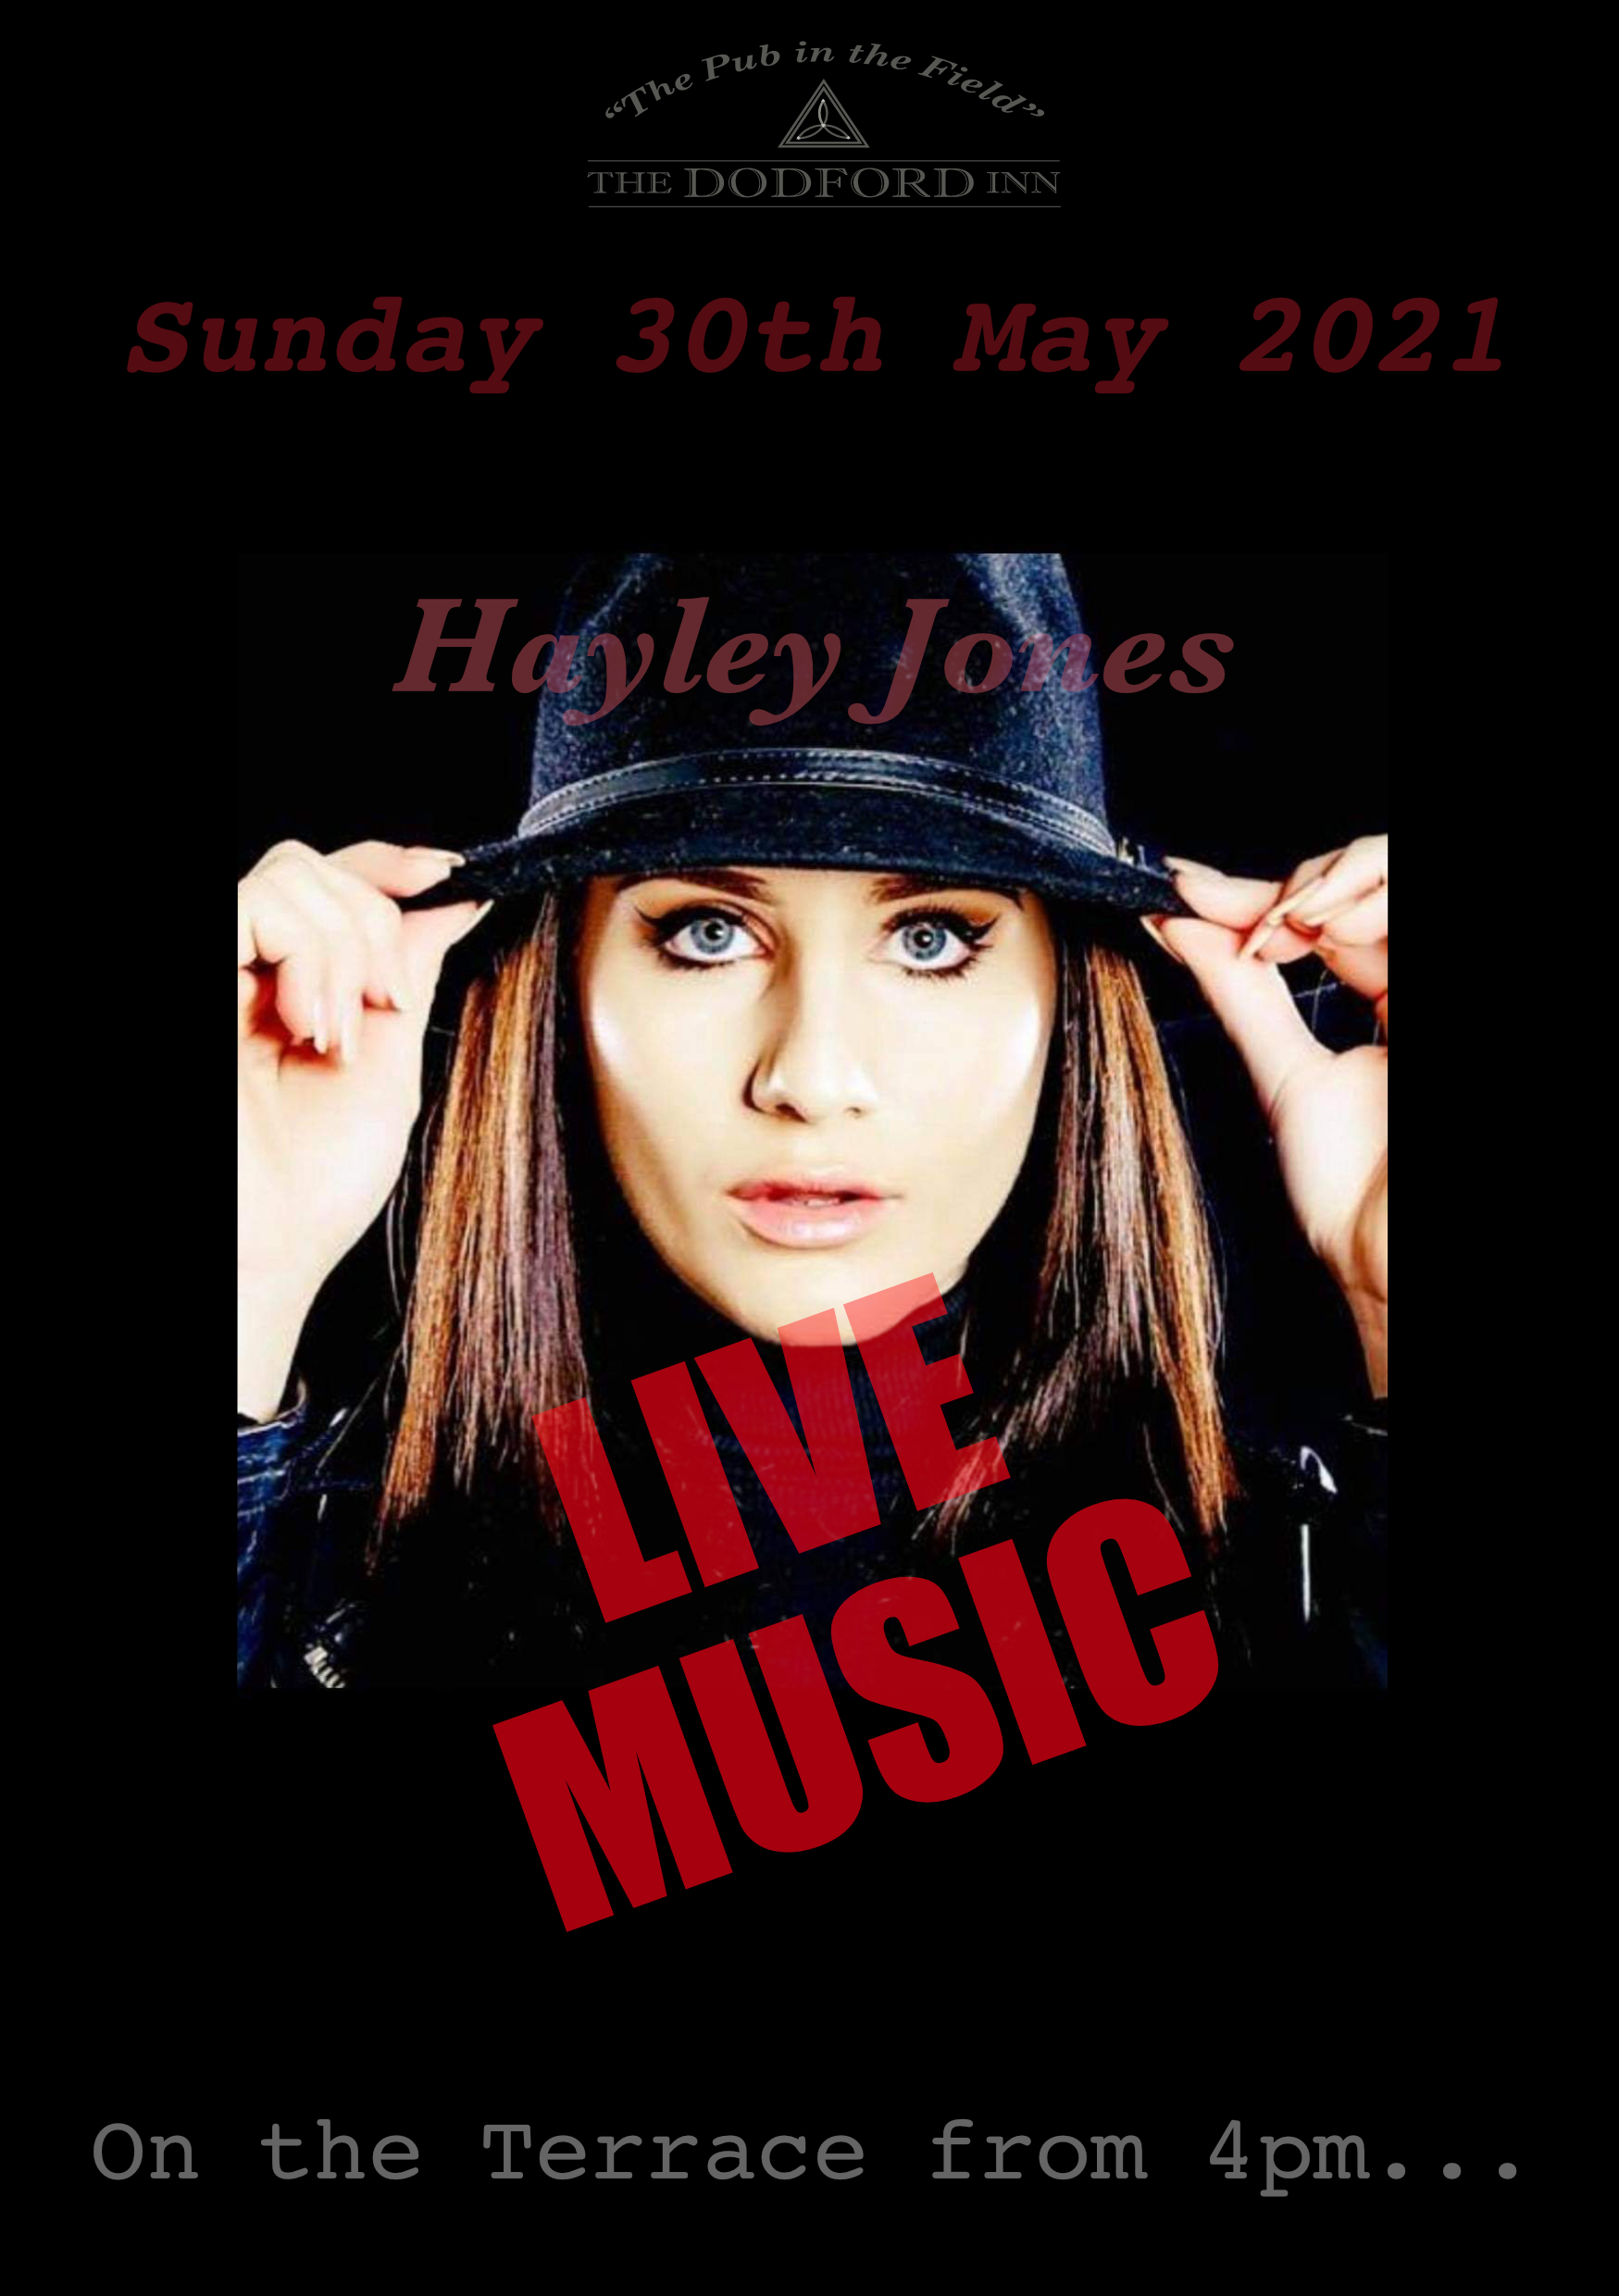 Hayley Jones Live Music